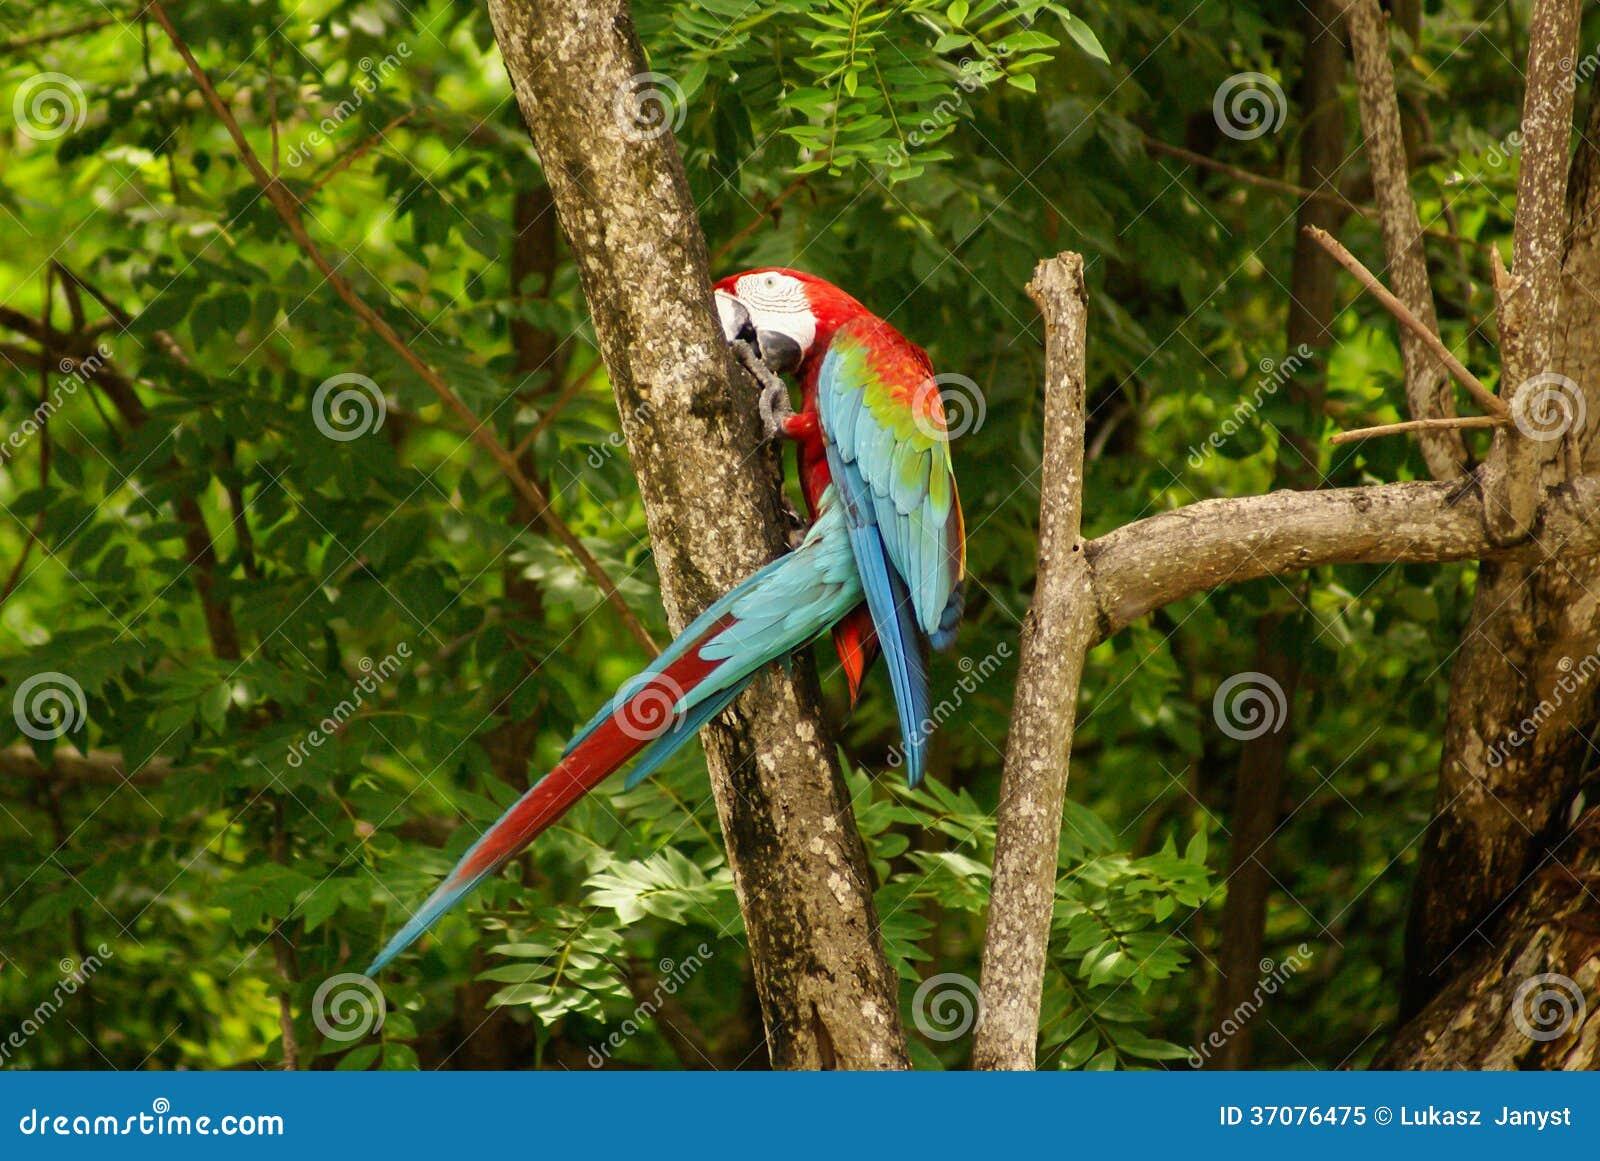 Download Papuga W Parku, Wyspa Mucura, Kolumbia Obraz Stock - Obraz złożonej z papuga, żerdź: 37076475